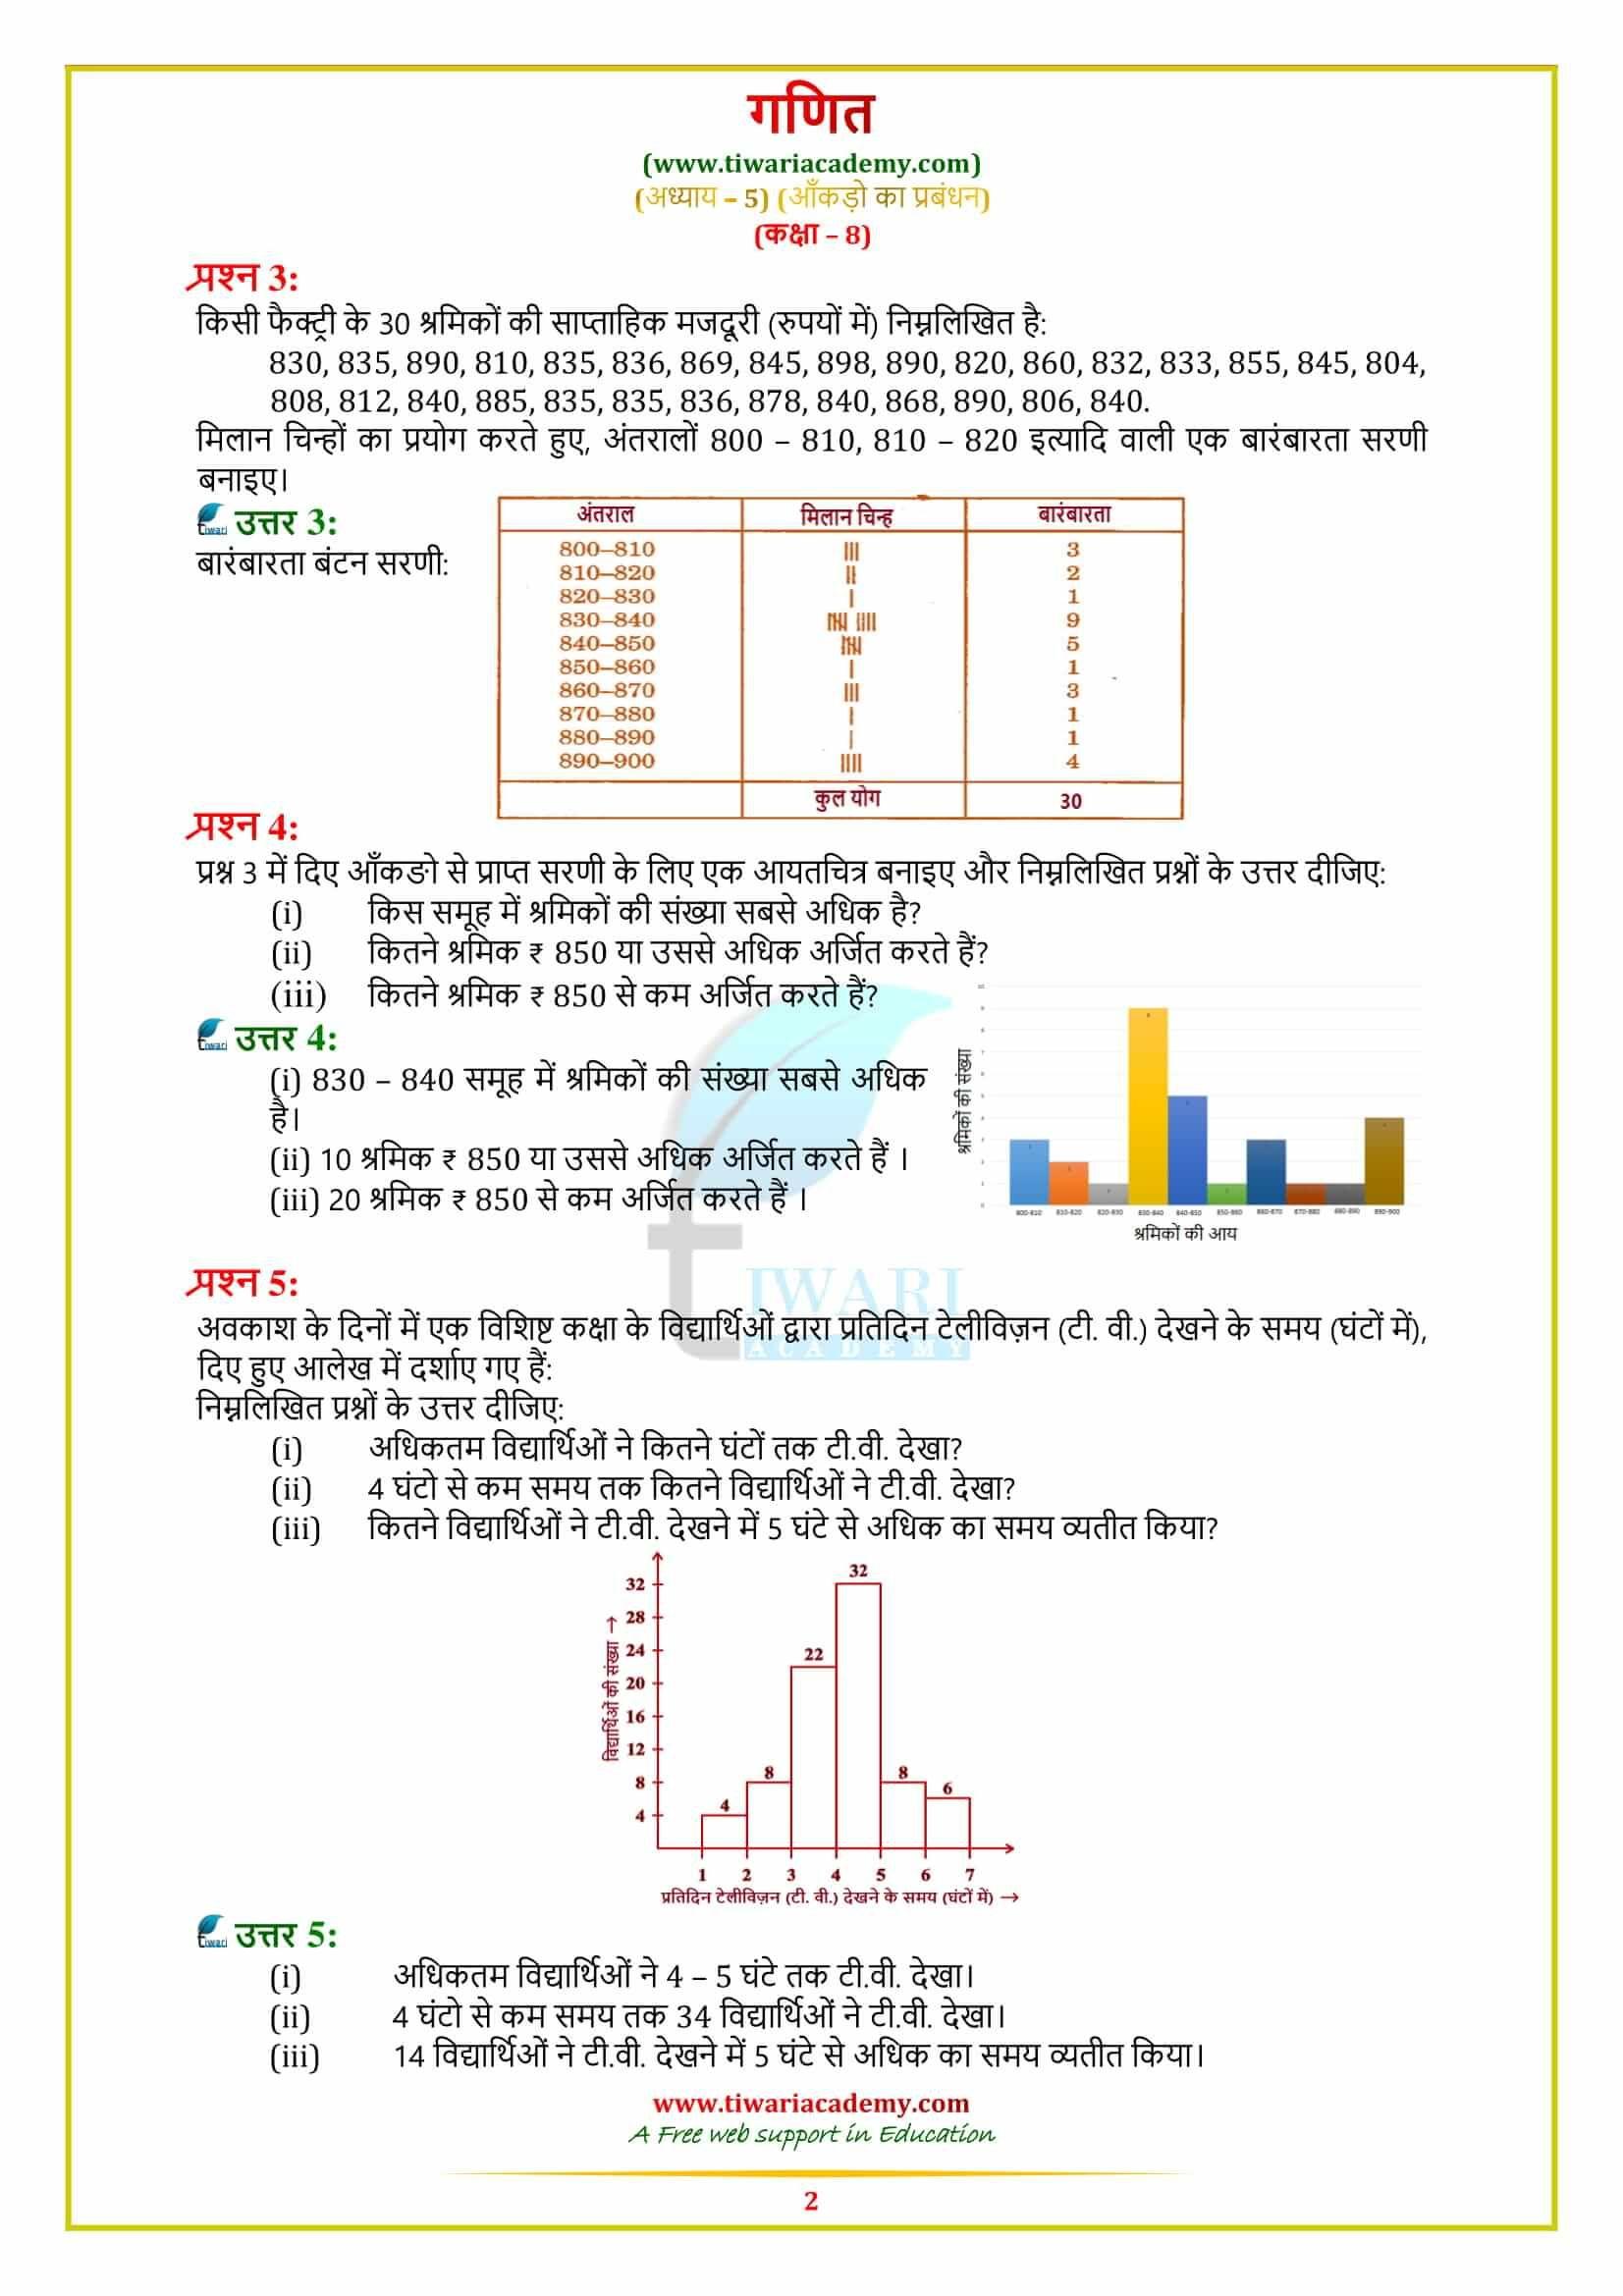 Ncert Sols For Class 8 Maths Chapter 5 Data Handling Math Studying Math Worksheet Template [ 2339 x 1653 Pixel ]